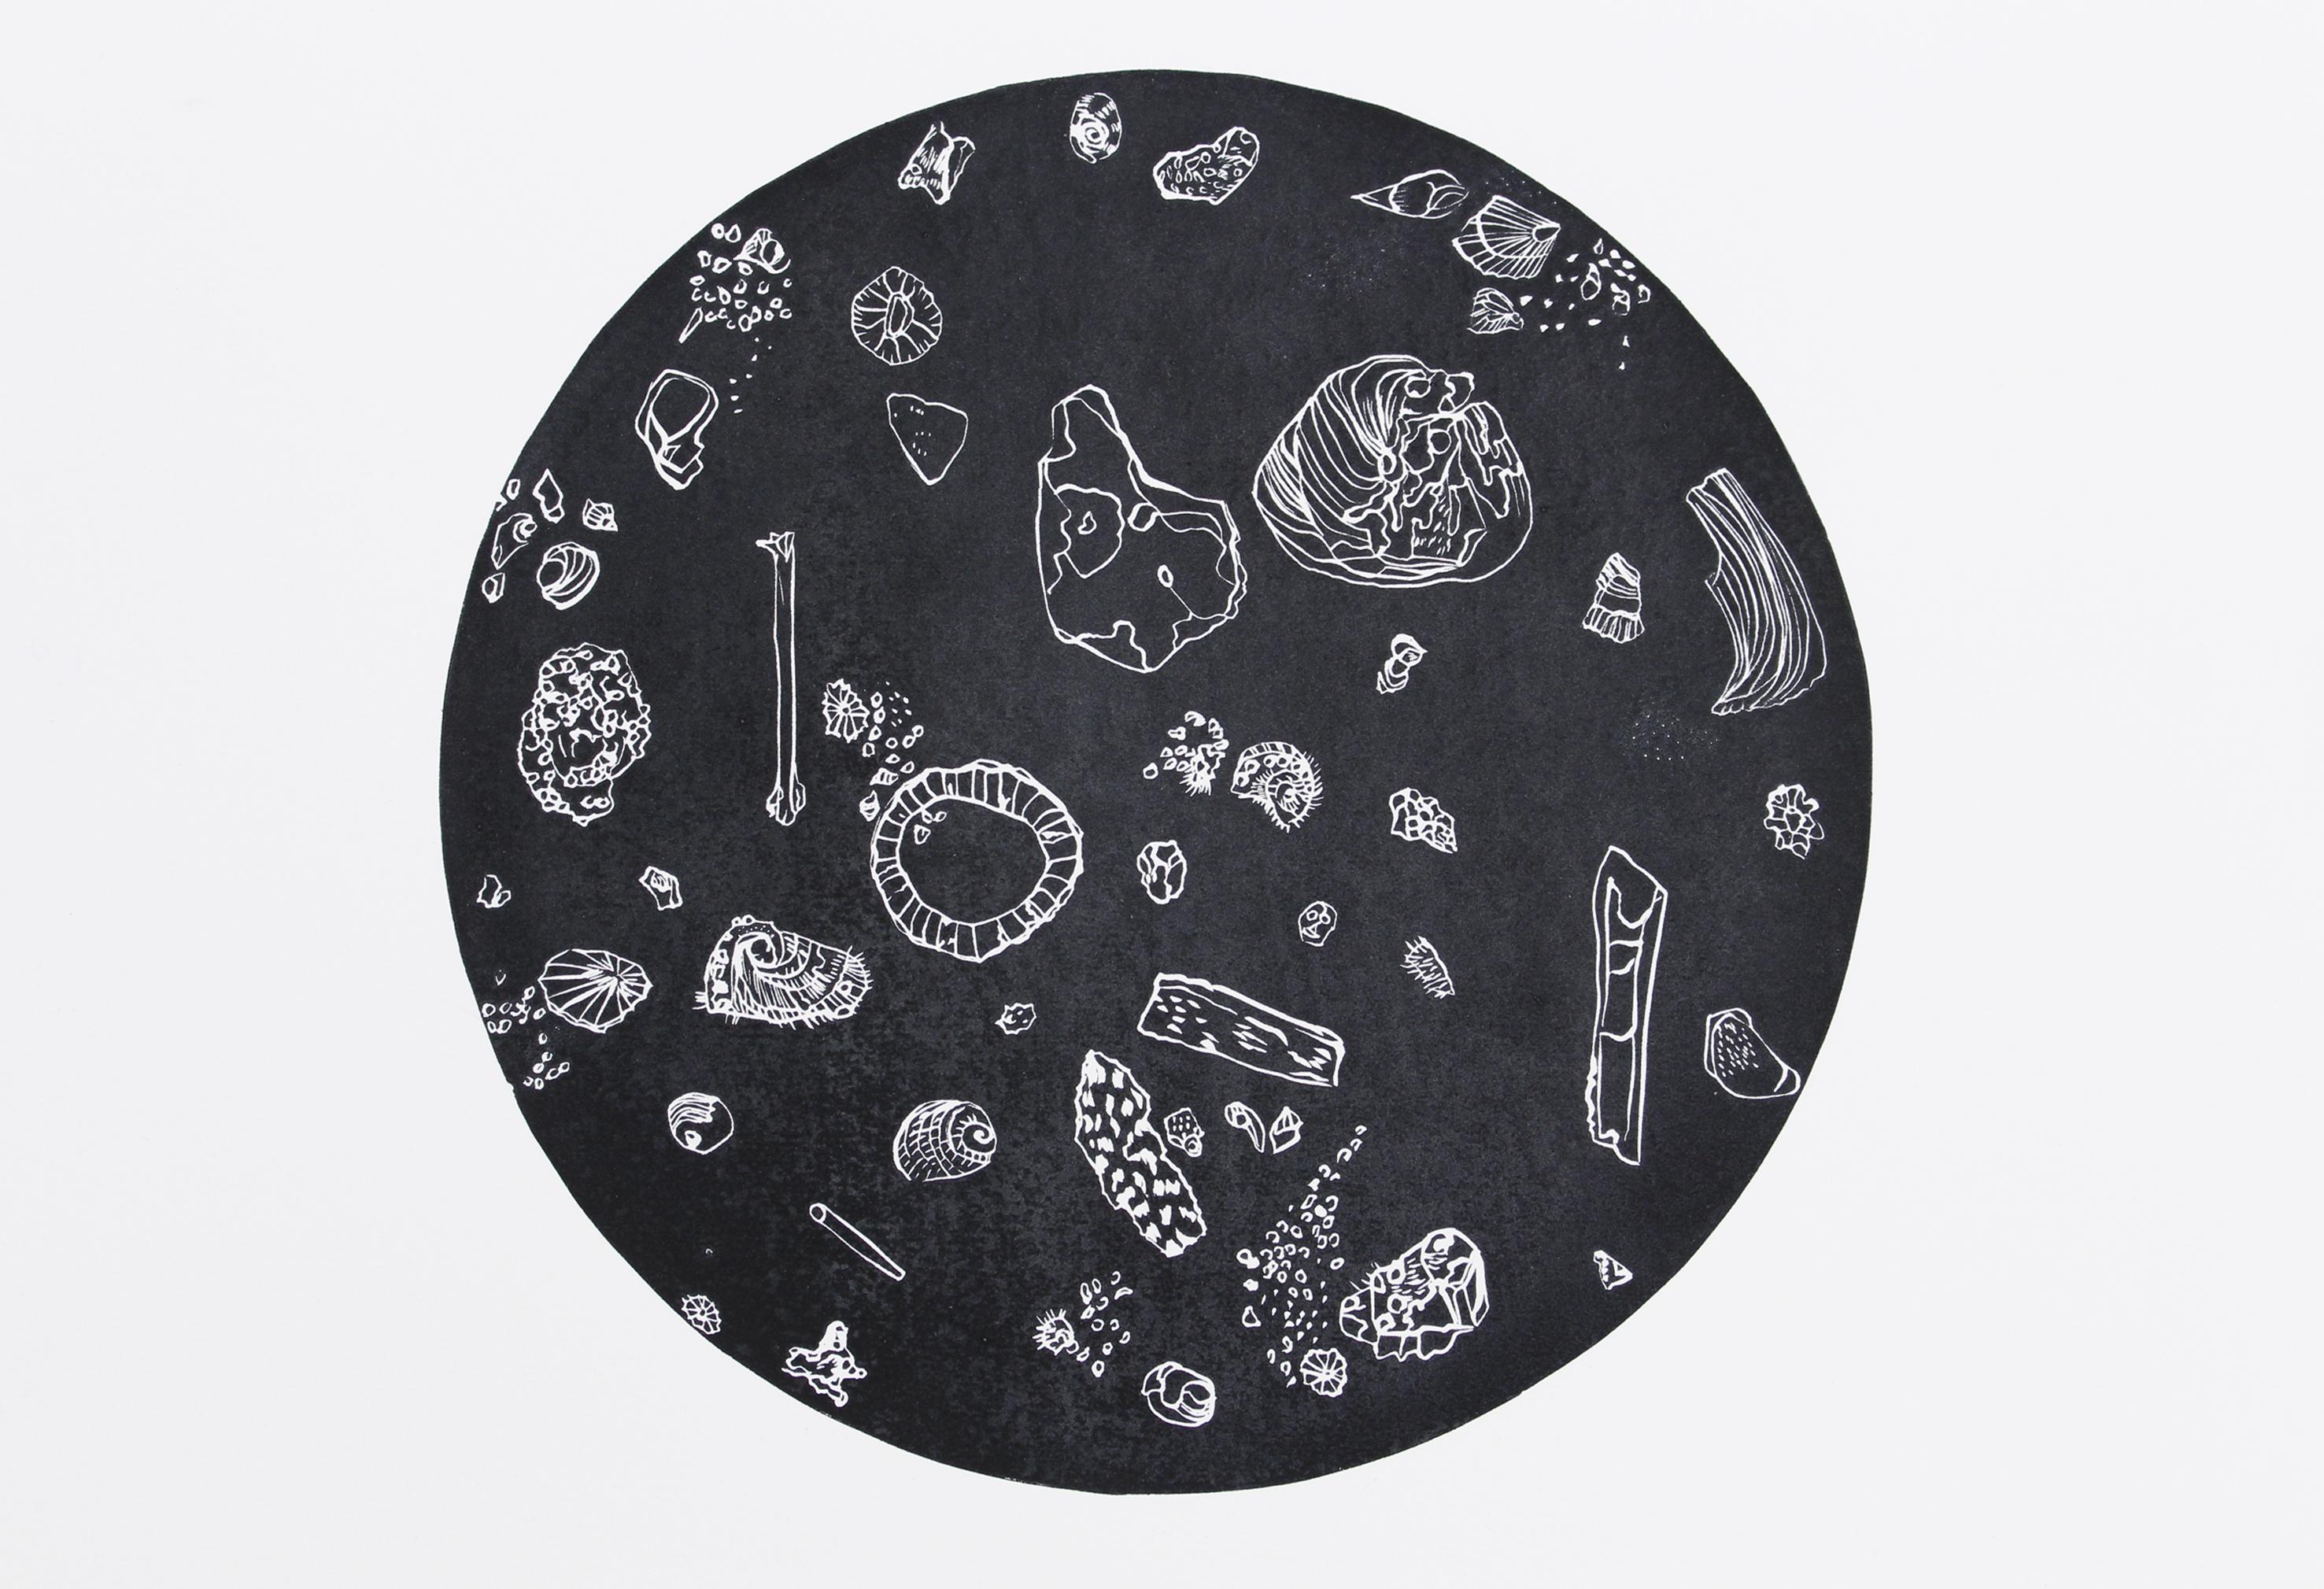 Midden Constellation